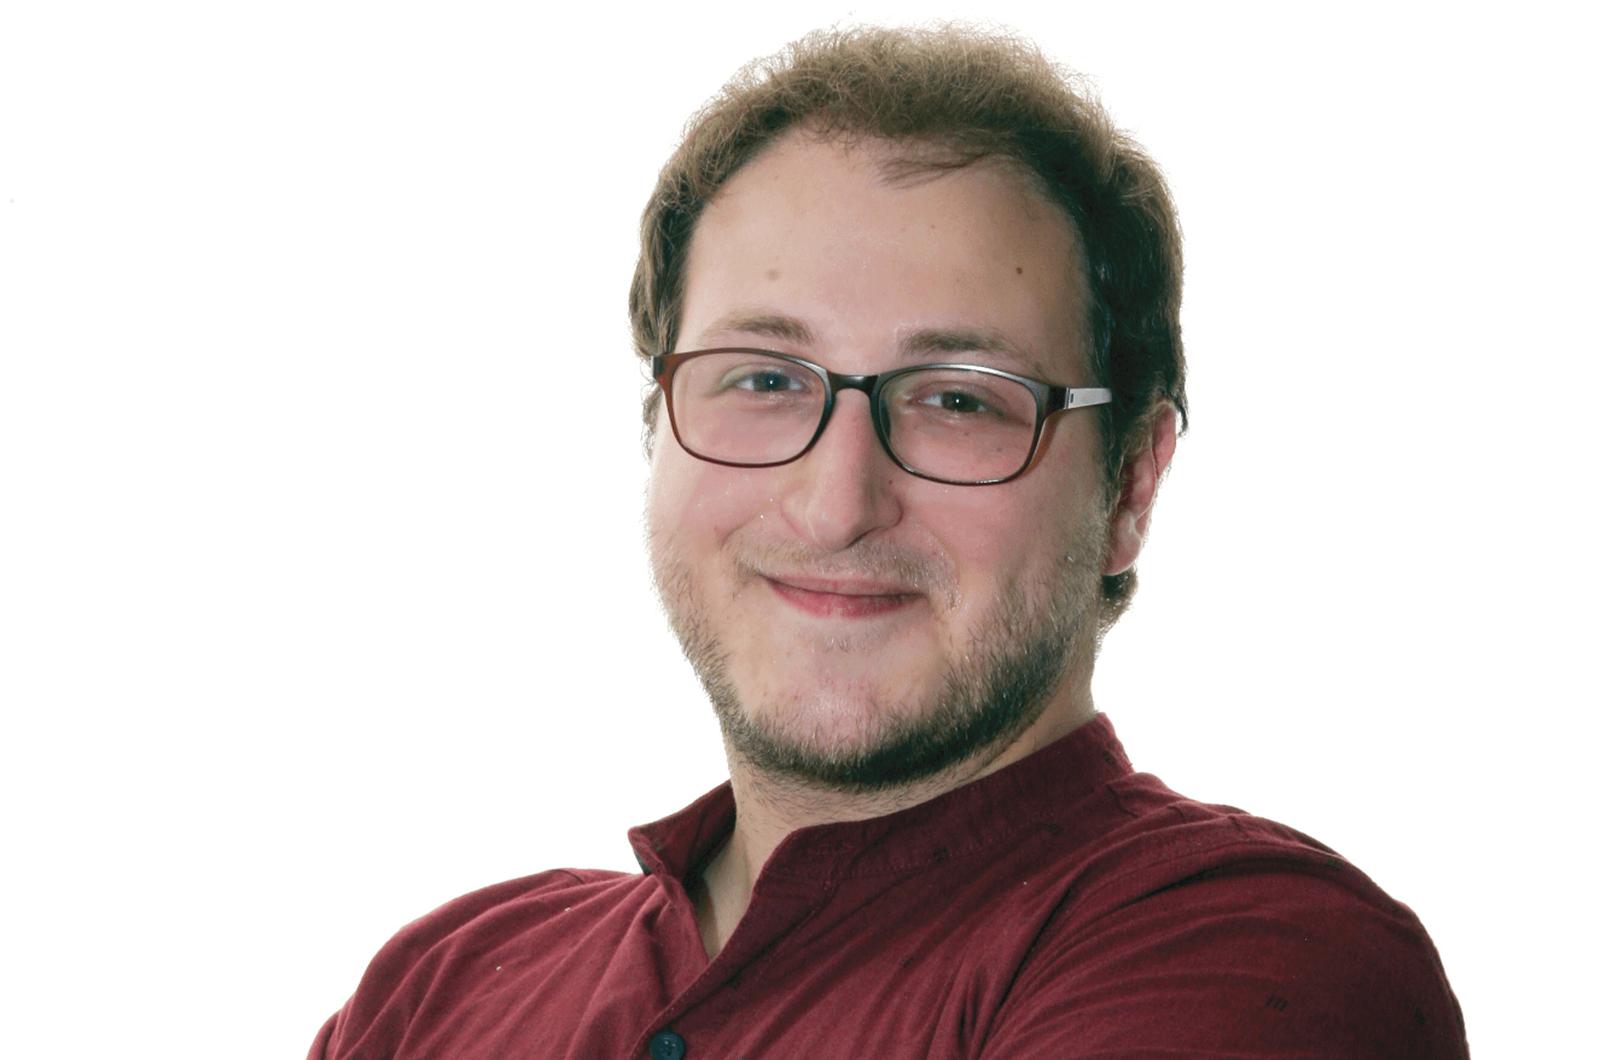 Toastmasters Ahmad Almallah